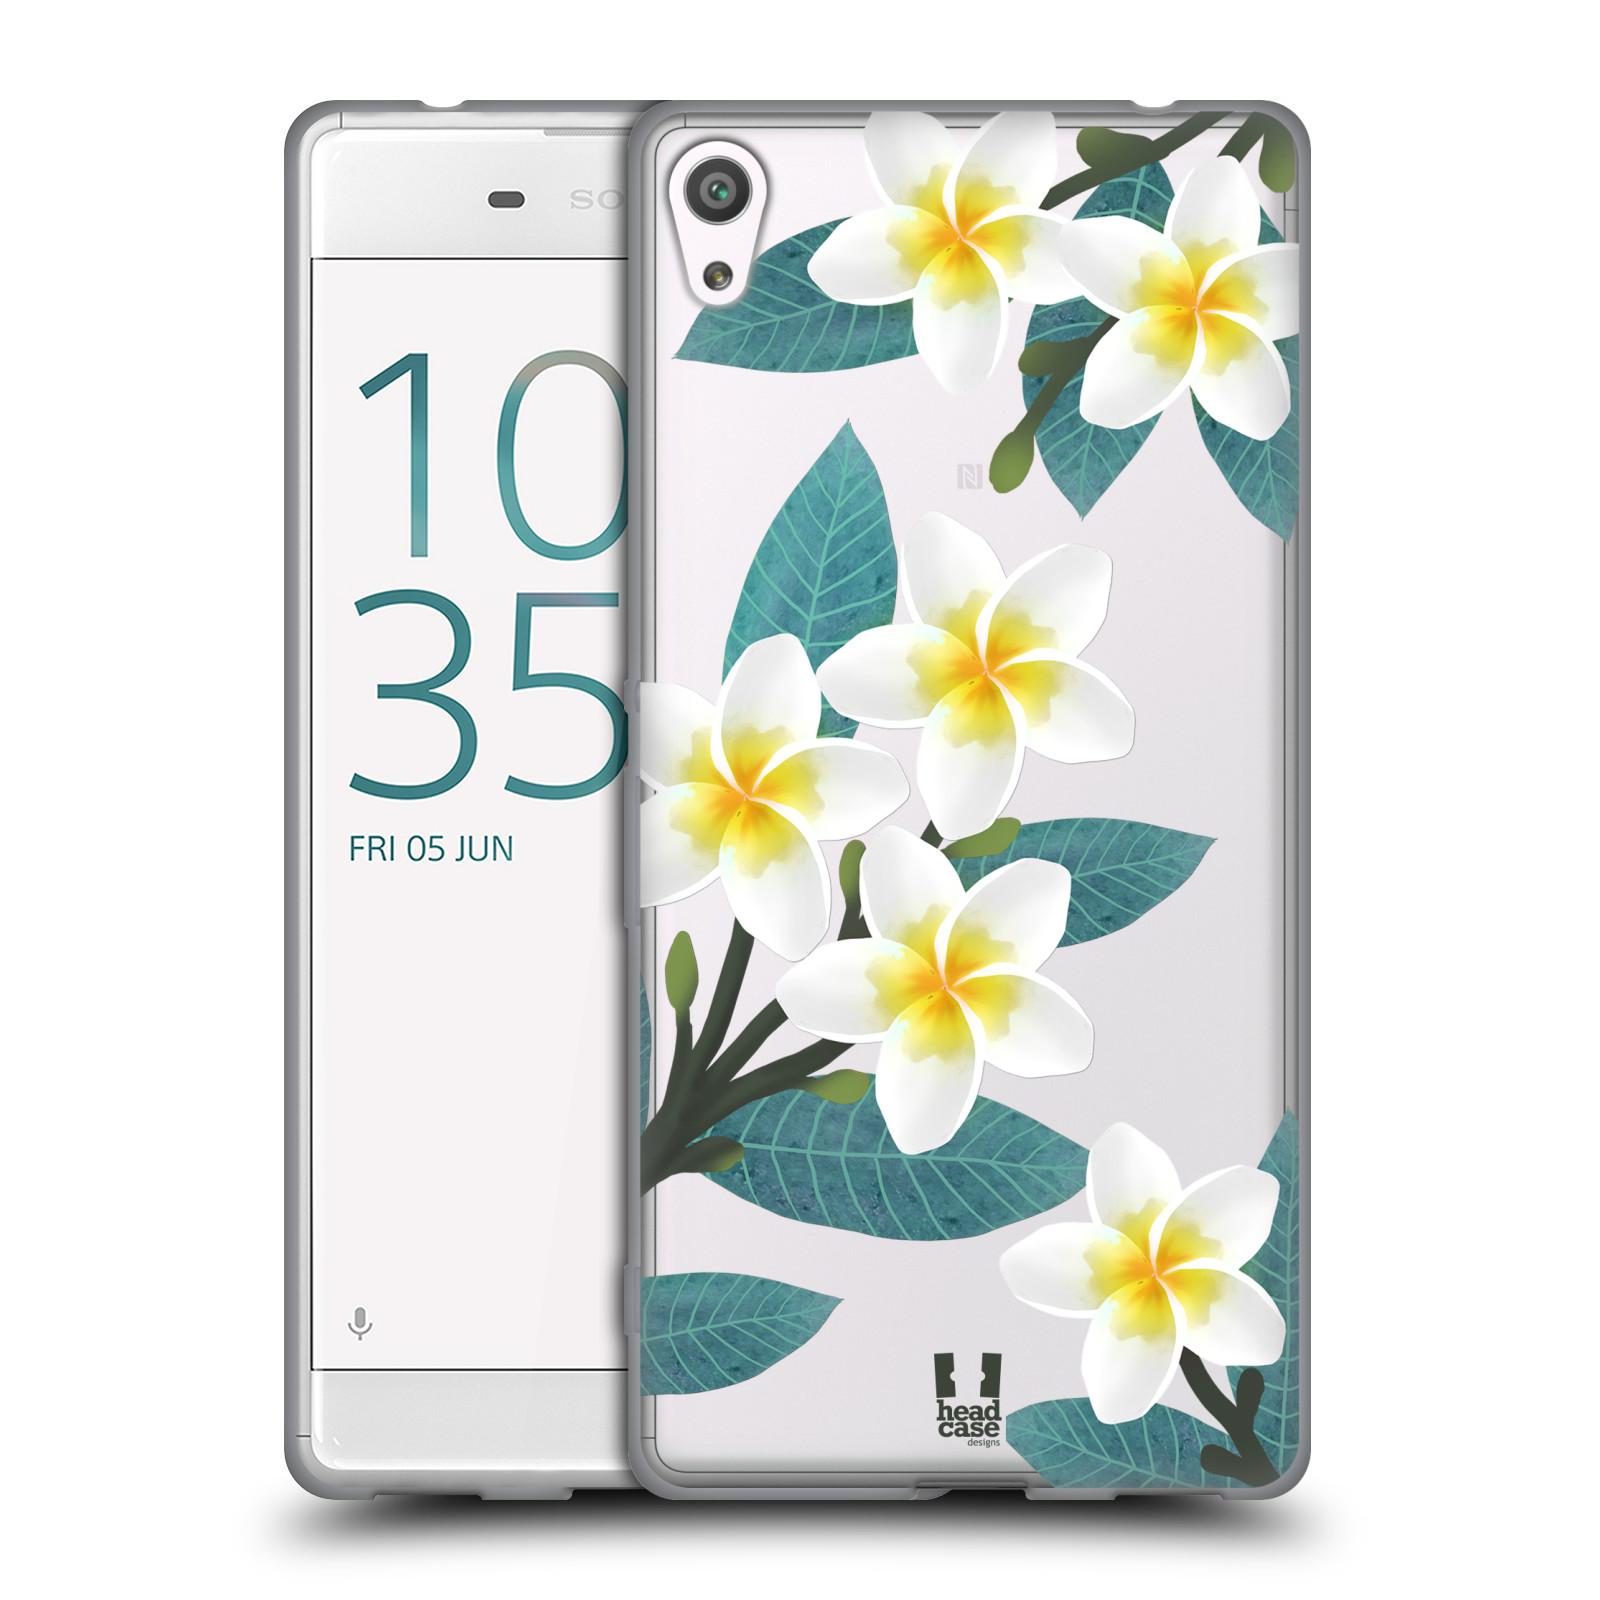 HEAD CASE silikonový obal na mobil Sony Xperia XA ULTRA květinové vzory Plumérie